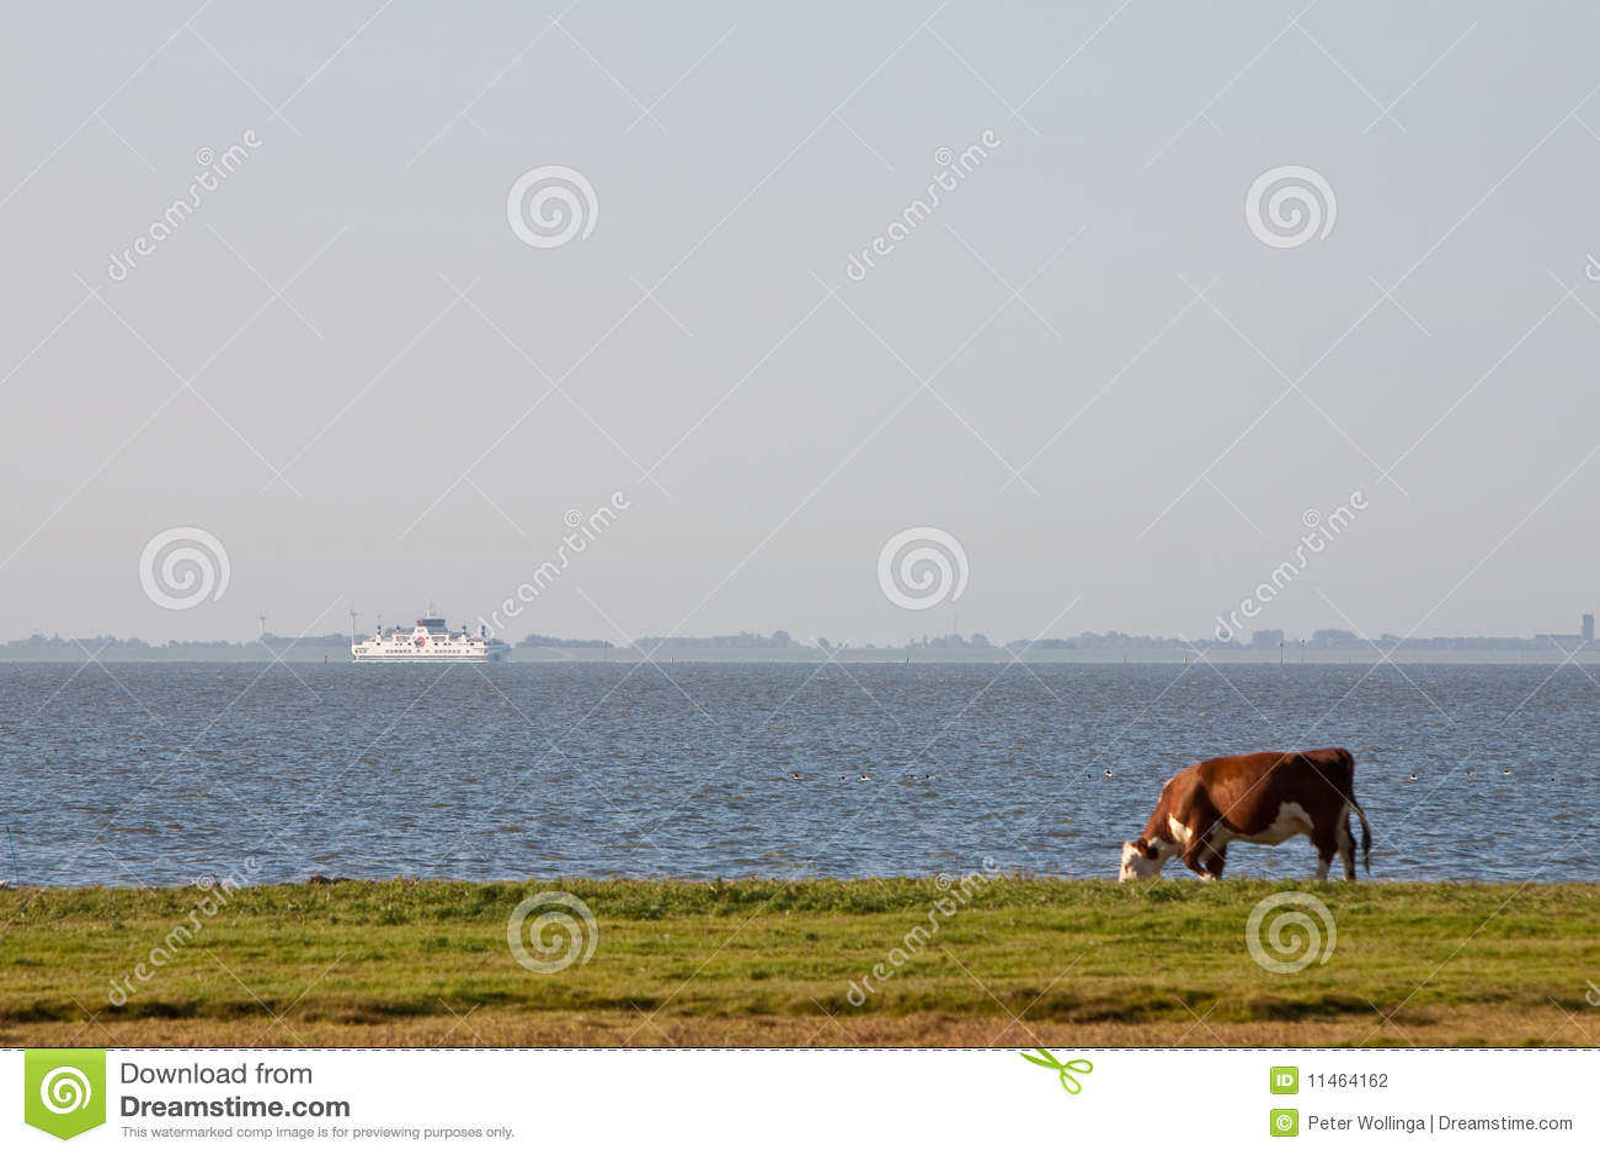 сельскохозяйственне угодье коровы пася около воды